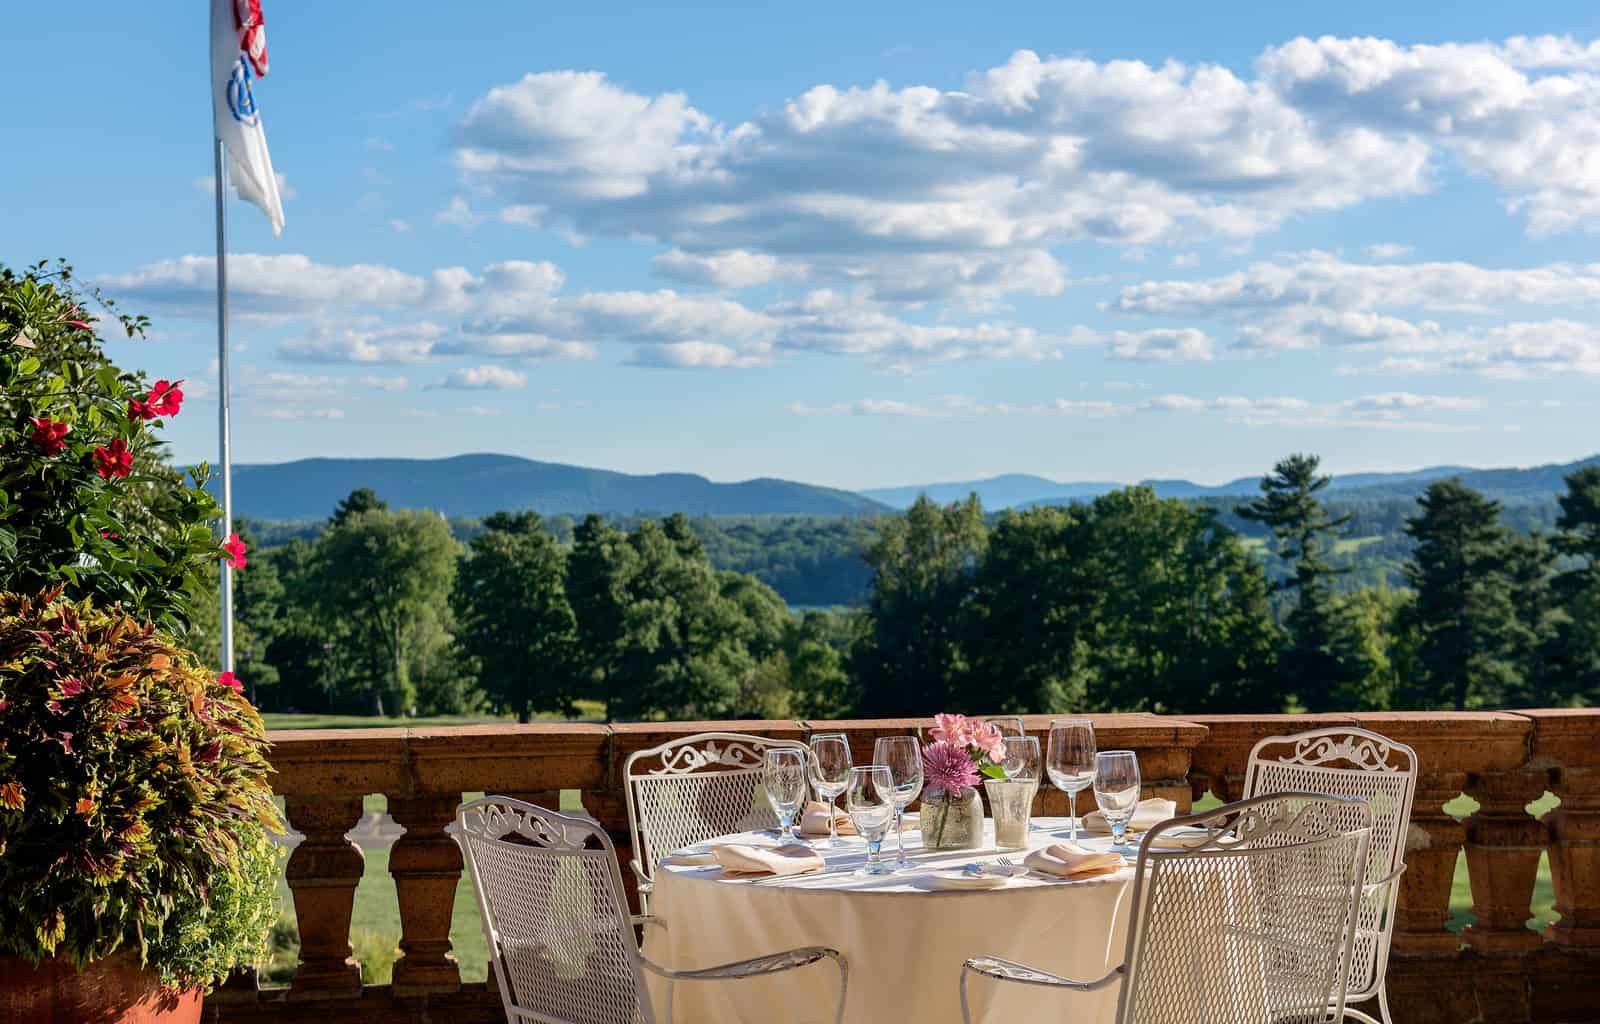 Wyndhurst Outdoor Dining